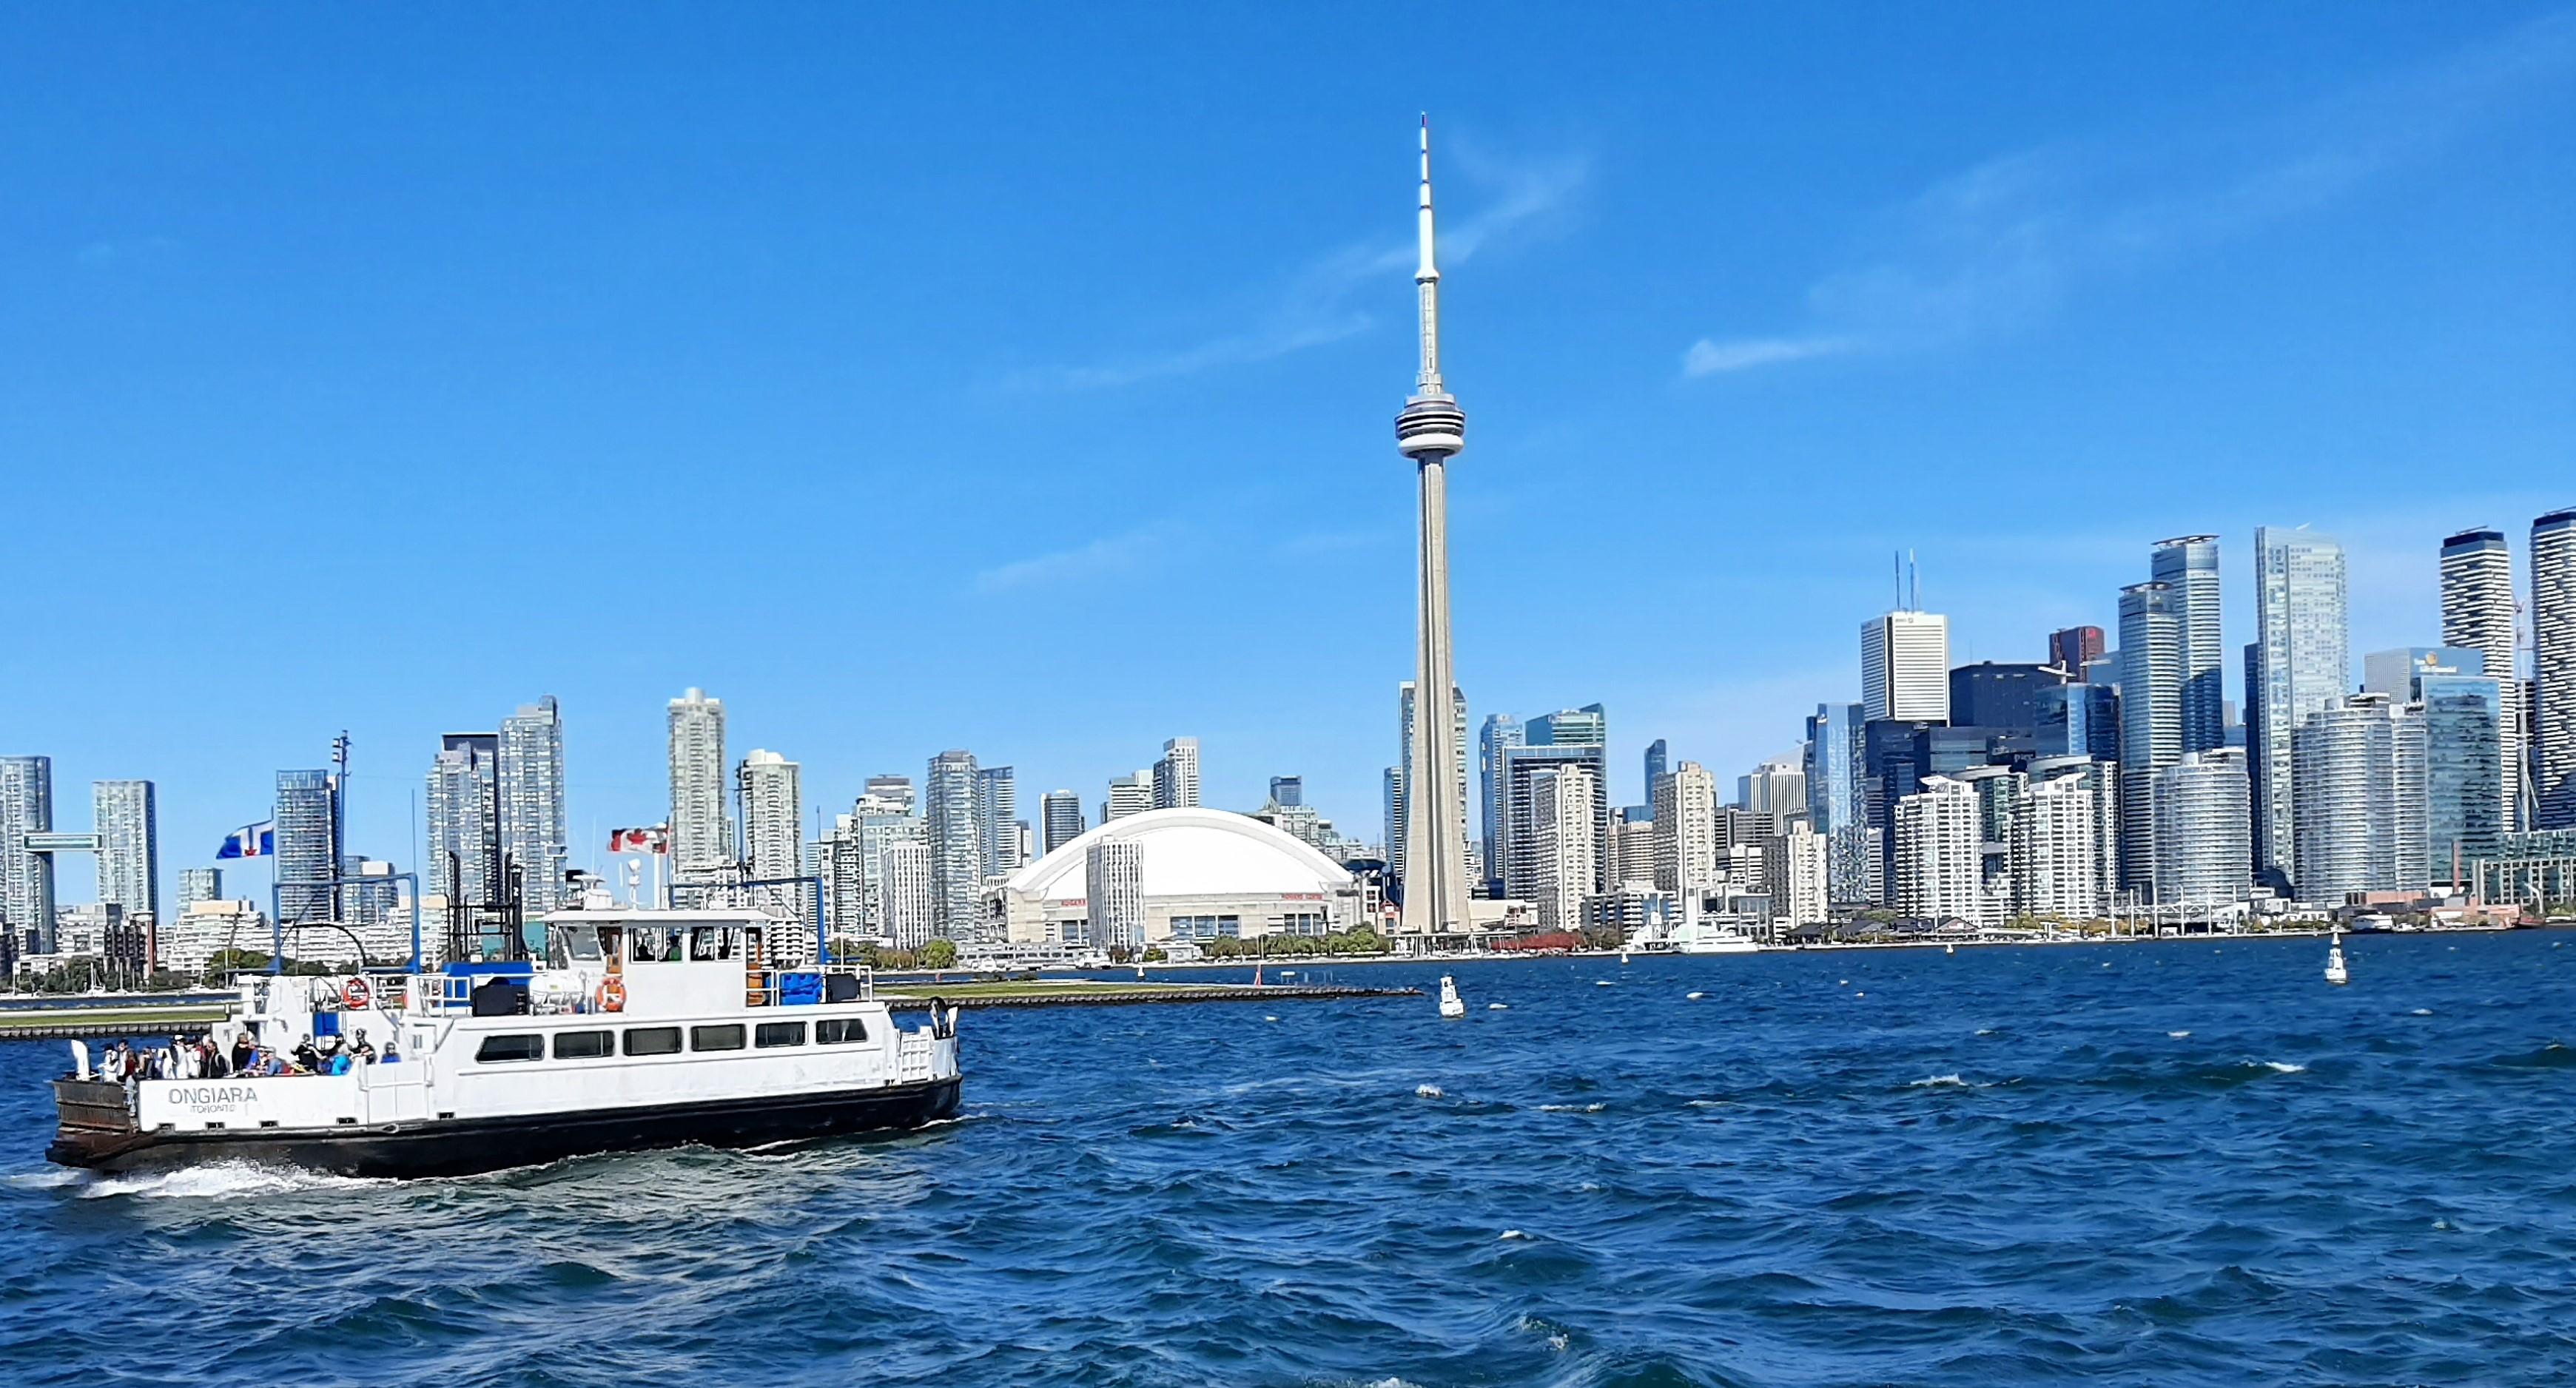 CRAVEABLE CAROLINAS – Toronto Unfettered